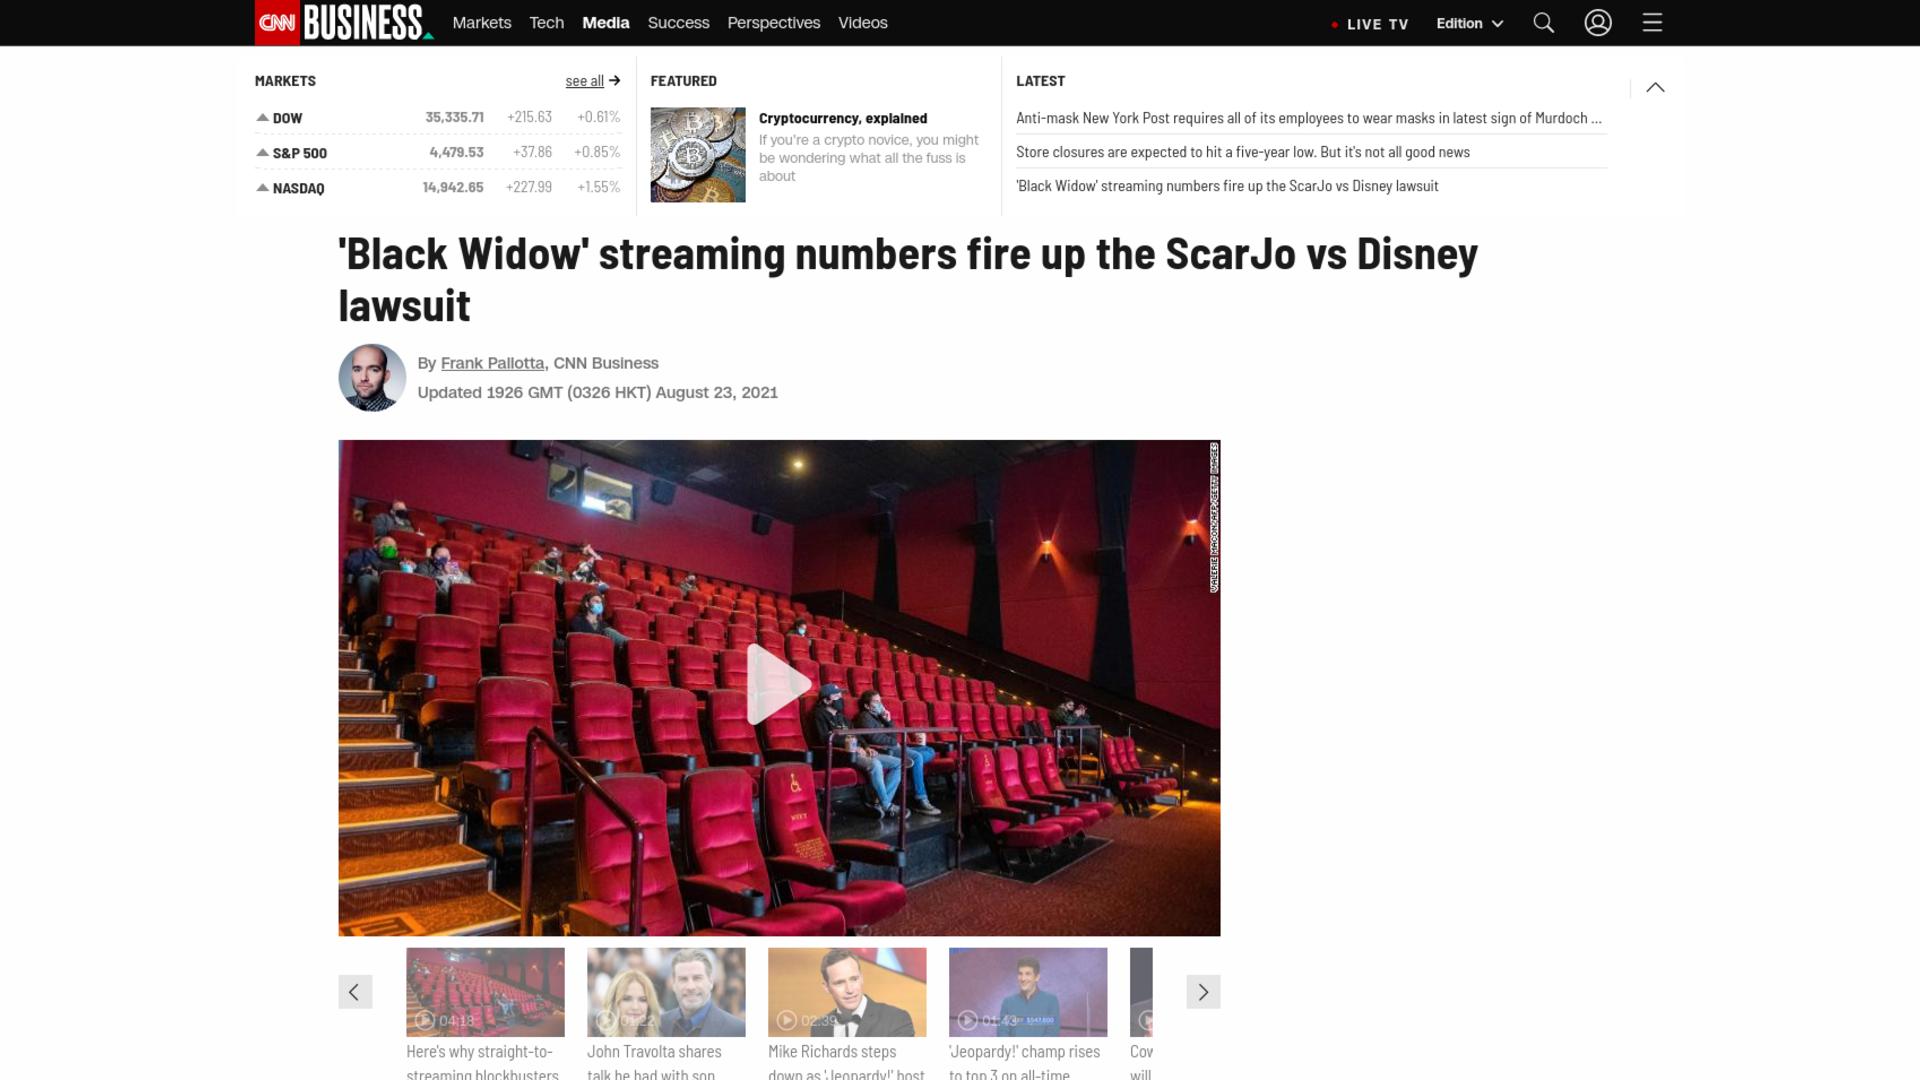 Fairness Rocks News 'Black Widow' streaming numbers fire up the ScarJo vs Disney lawsuit